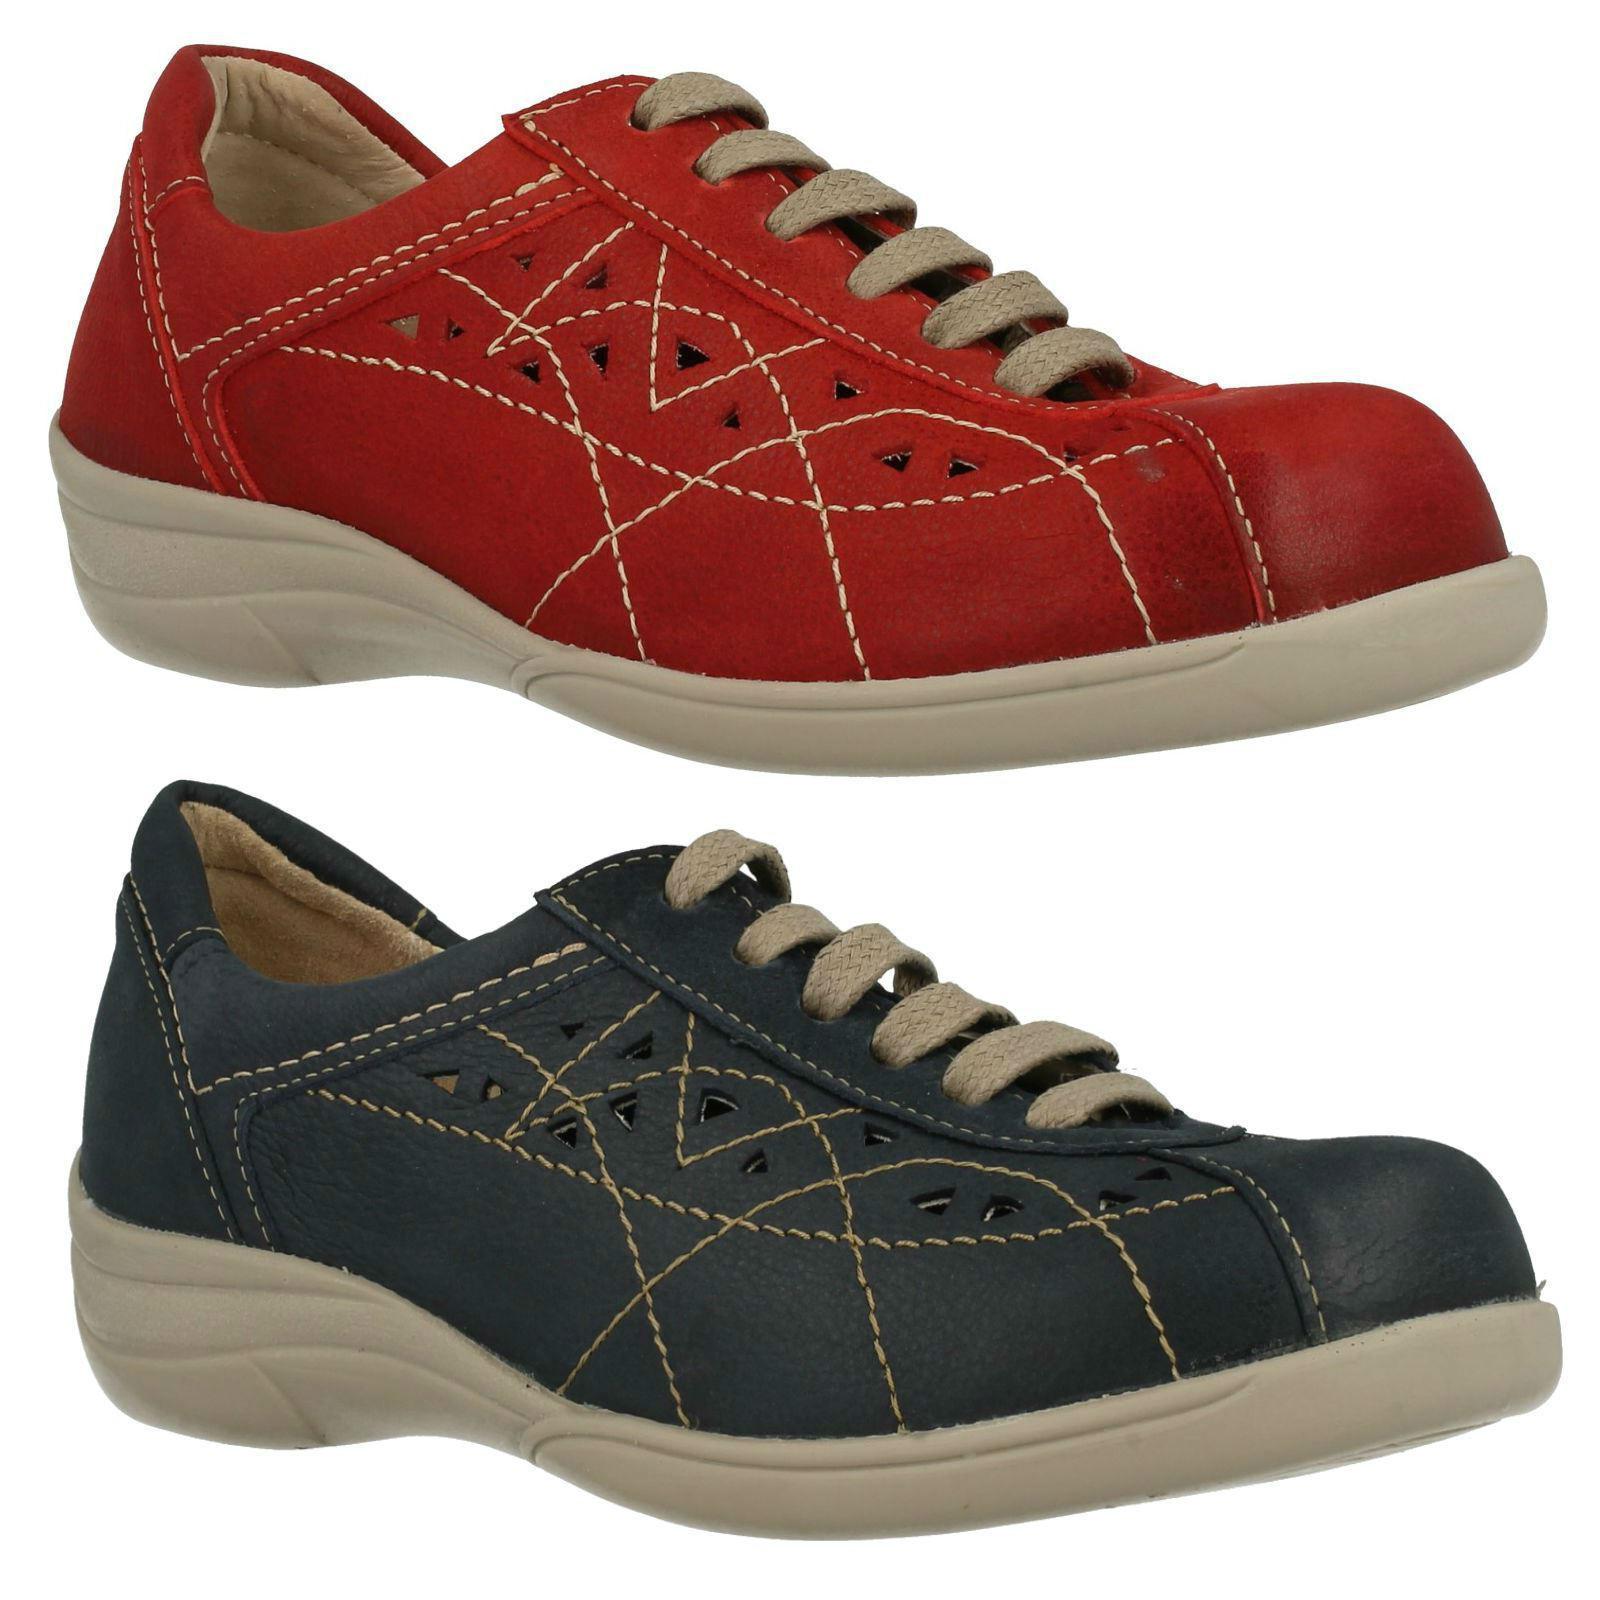 Db easy b hornsea femmes en cuir à lacets plat décontracté quotidien baskets chaussures